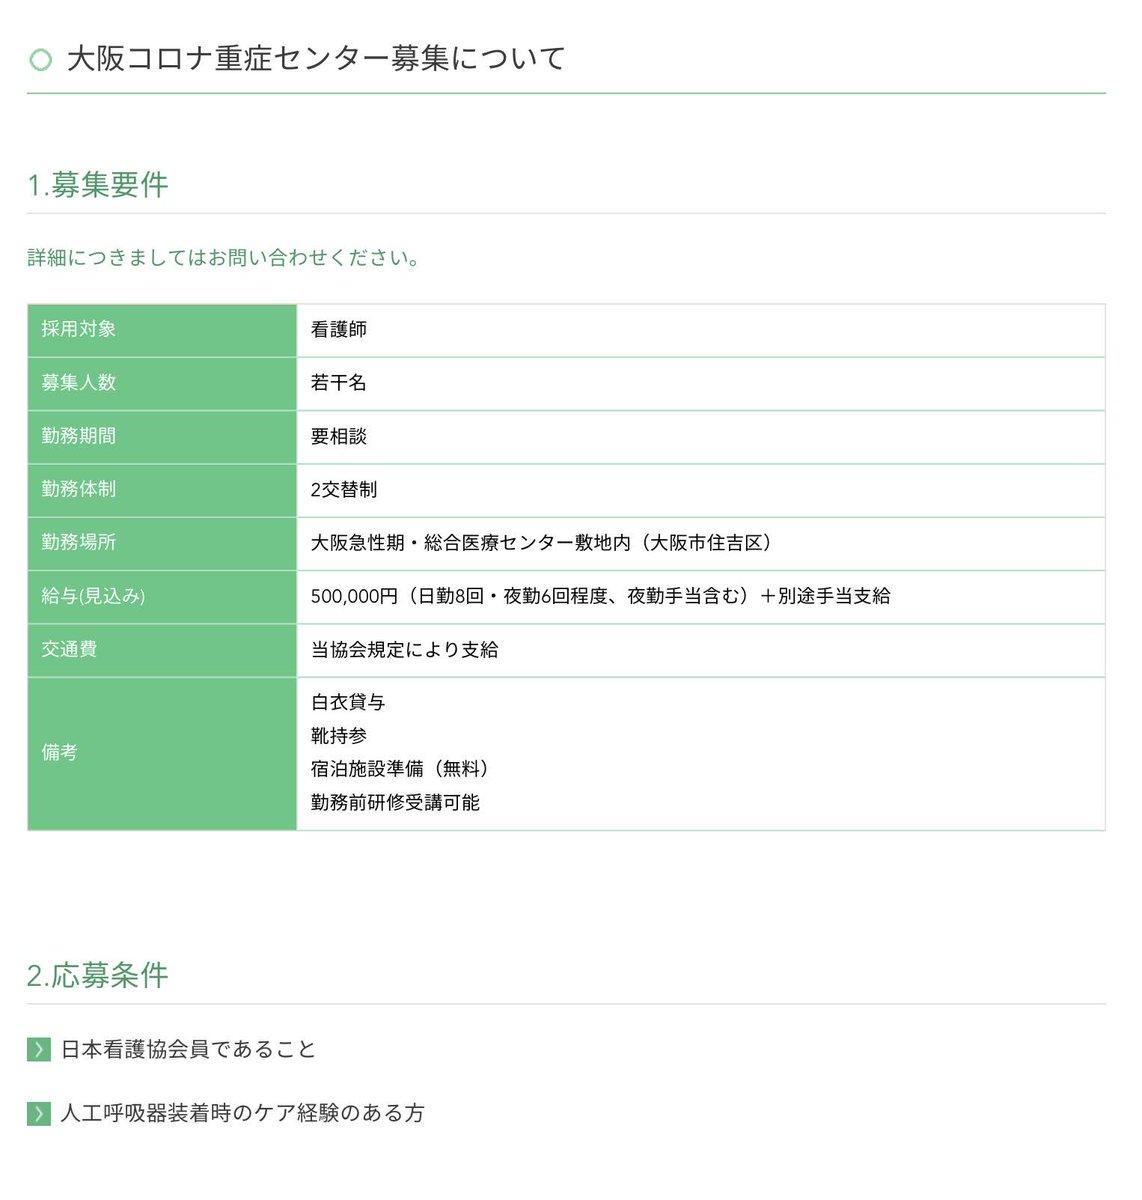 大阪コロナ重症センターの求人が出ています。 夜勤手当等込みで月給50万円です。看護師が必要数の半数もいないと聞きました。